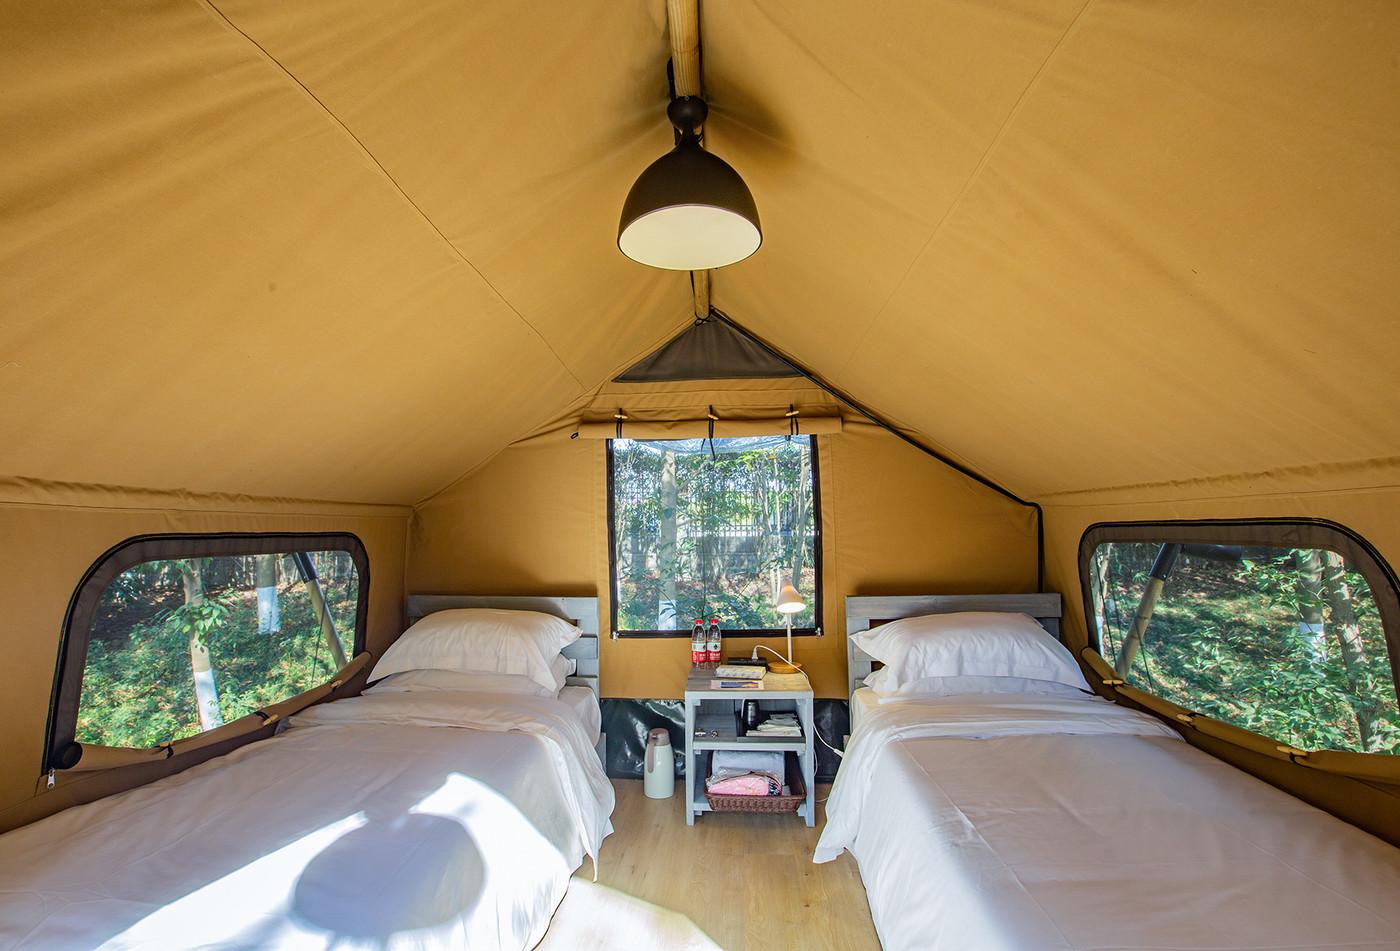 喜马拉雅野奢帐篷酒店—江苏常州天目湖树屋帐篷酒店16